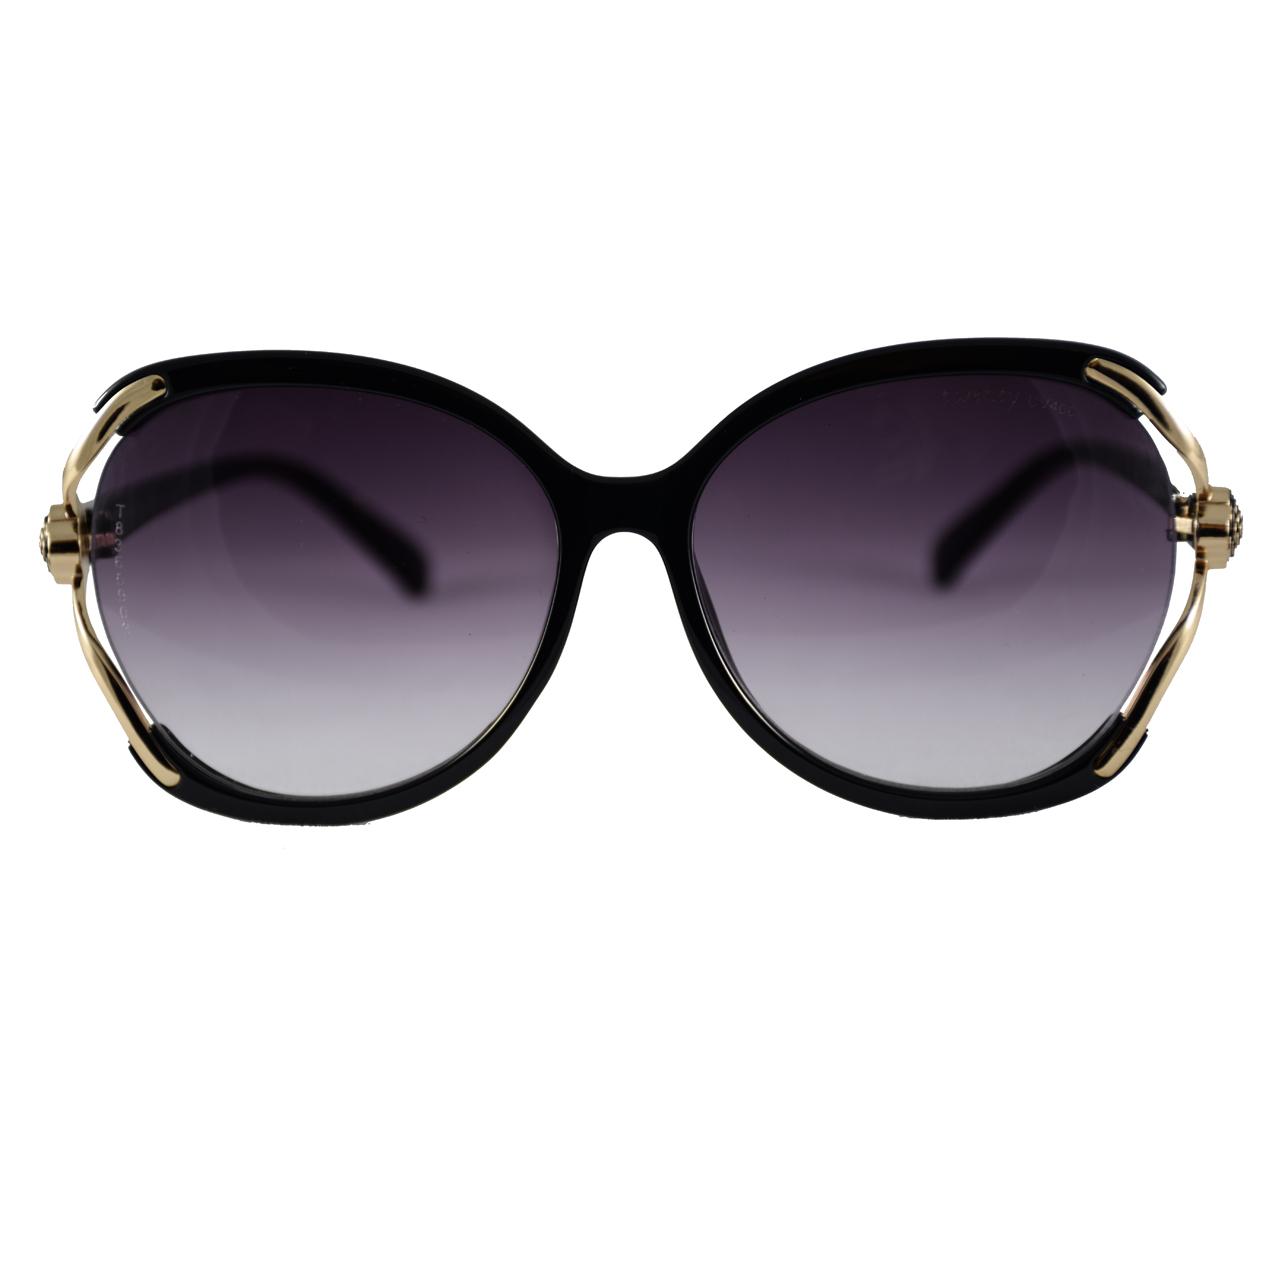 عینک آفتابی زنانه توئنتی مدل AE2-L80-006-S312-D25